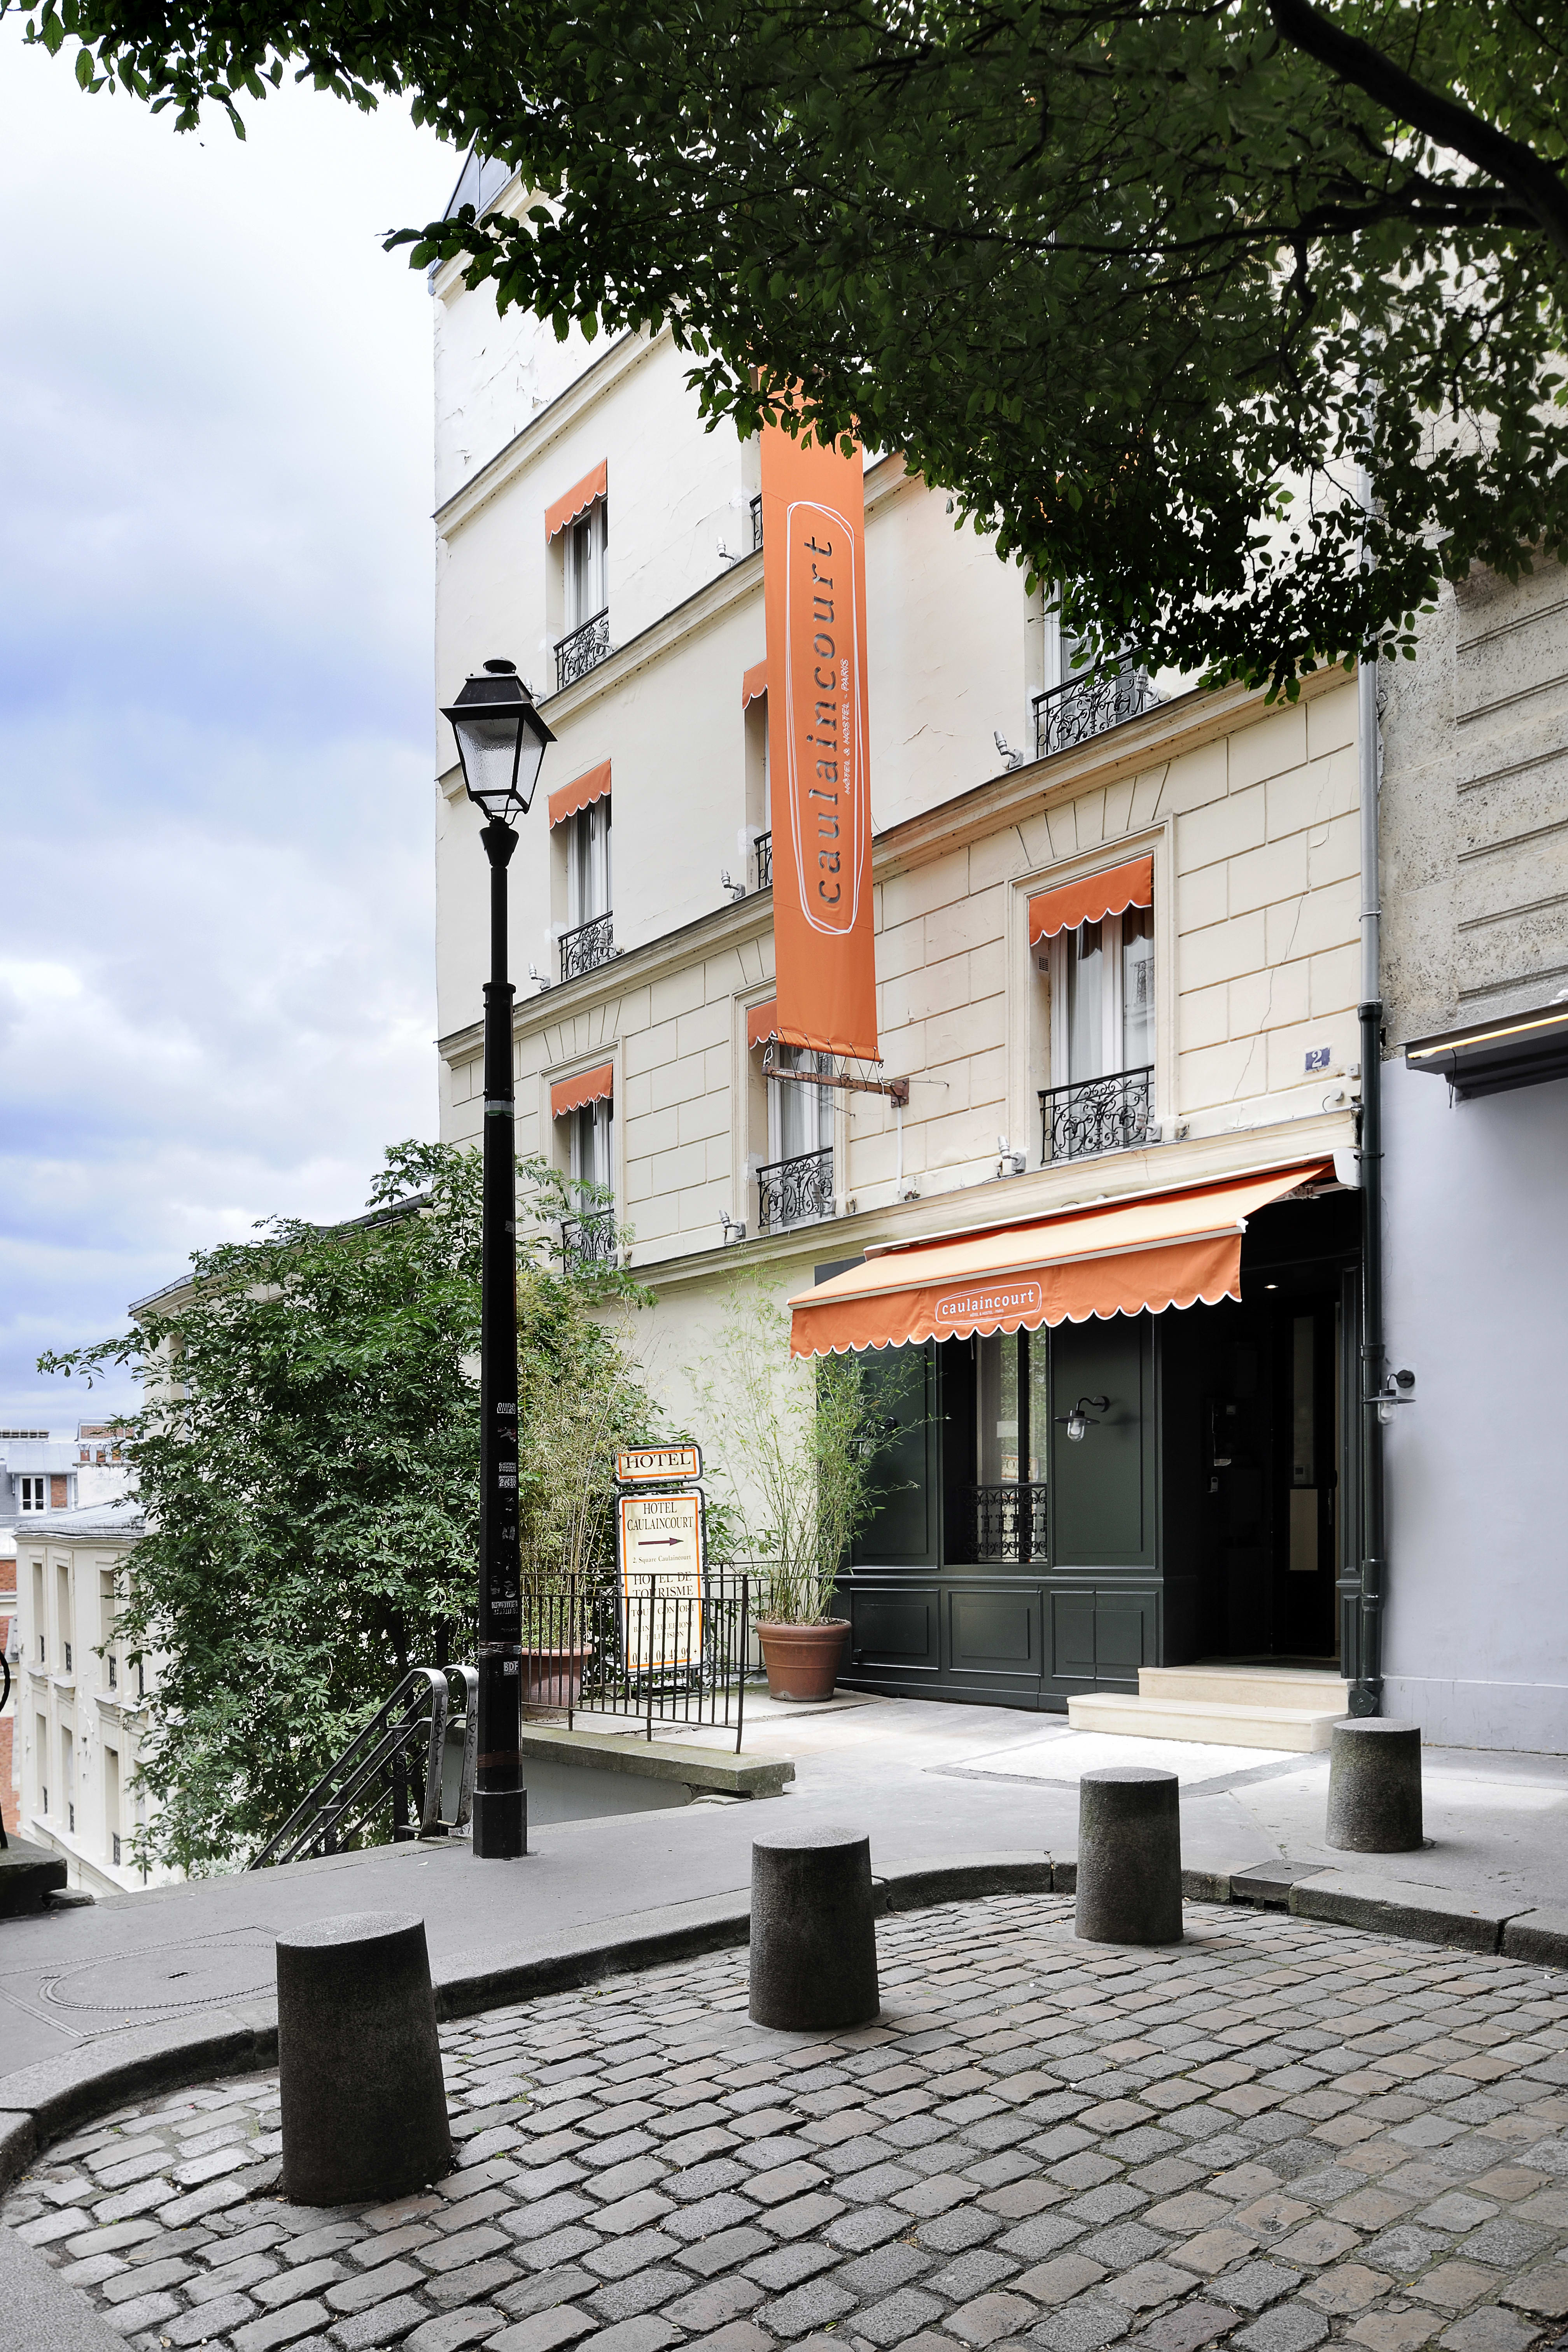 Caulaincourt Boutique Hostel